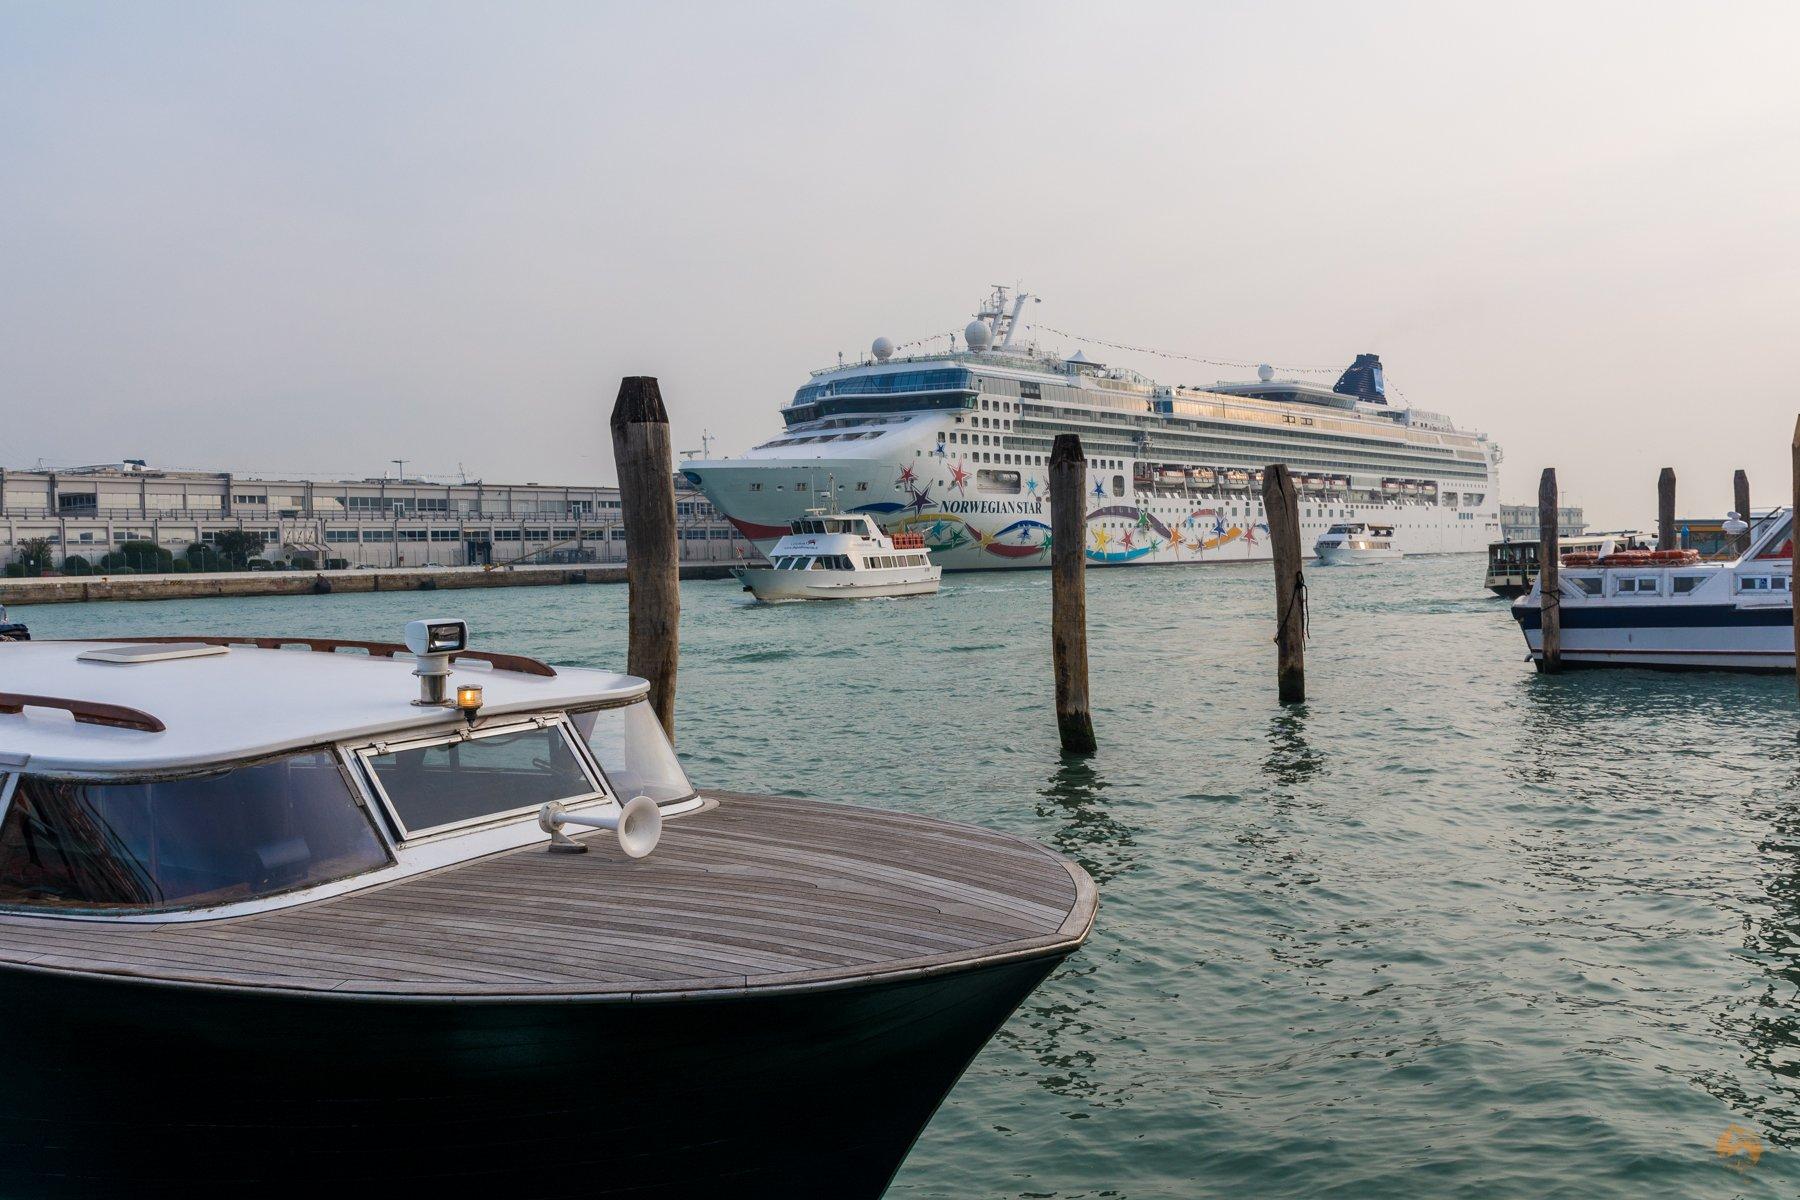 unser Charter Schiff nach Vendig und Kreuzfahrtschiff - Italien